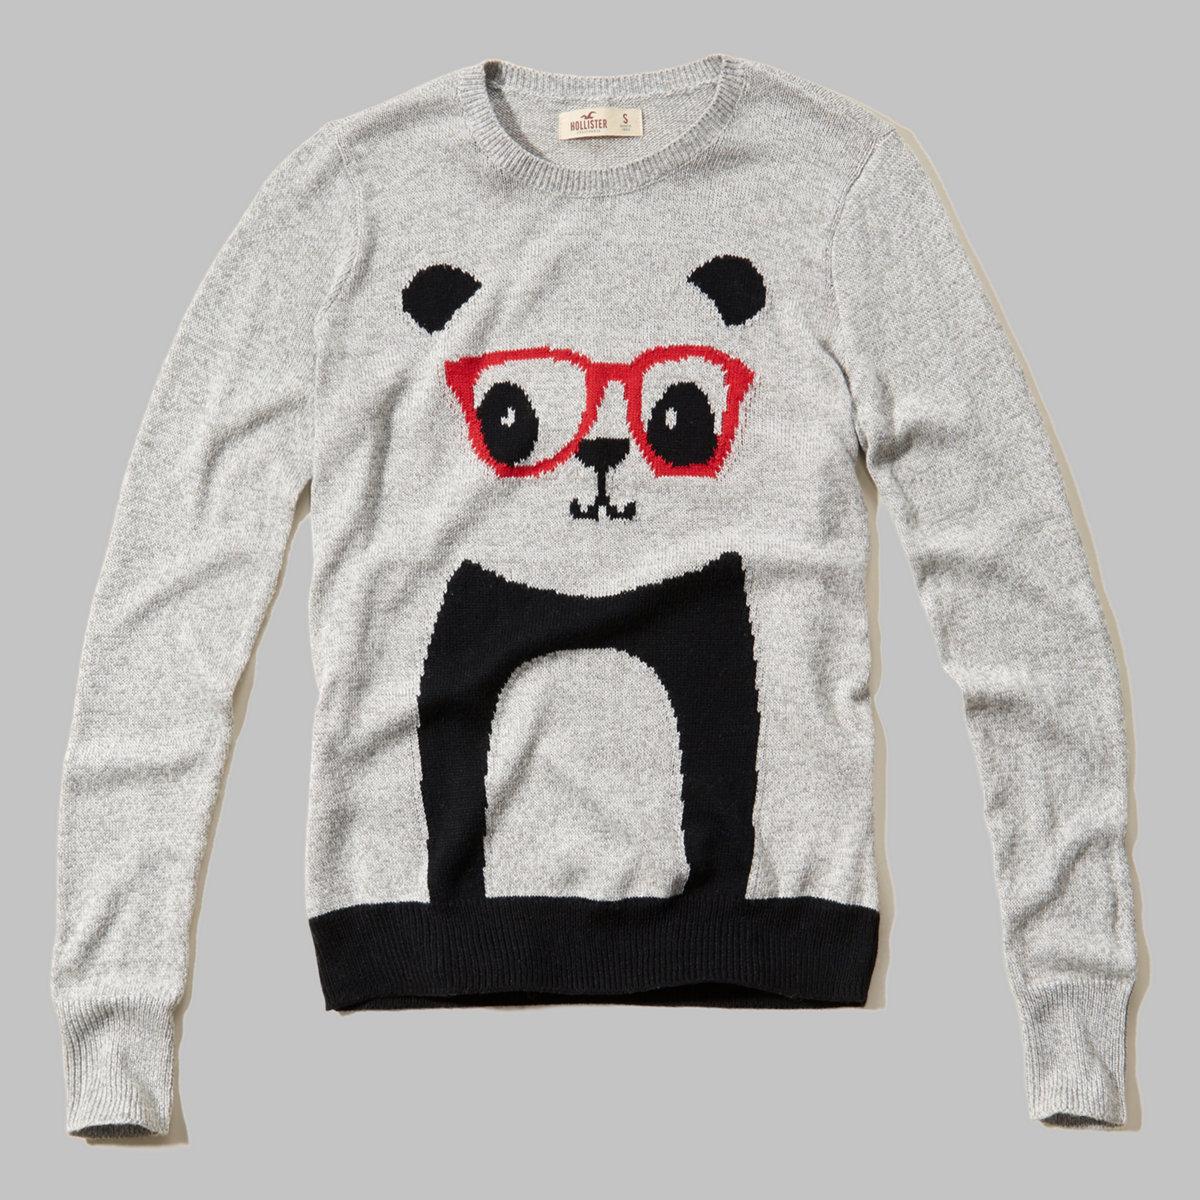 Fine Gauge Intarsia Crewneck Sweater